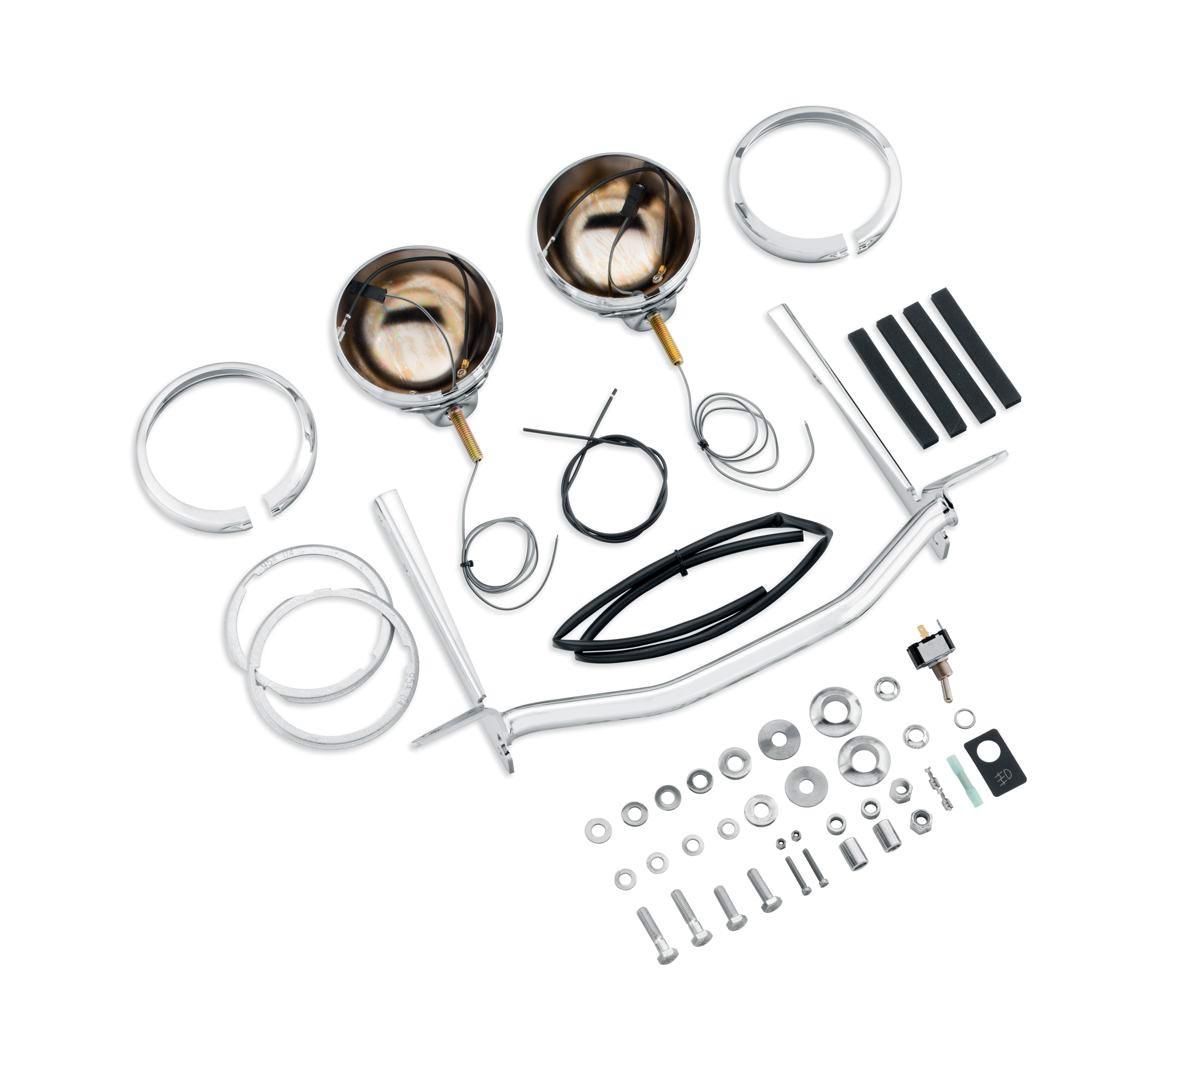 69287-07 Auxiliary Lighting Kit chrome at Thunderbike Shop